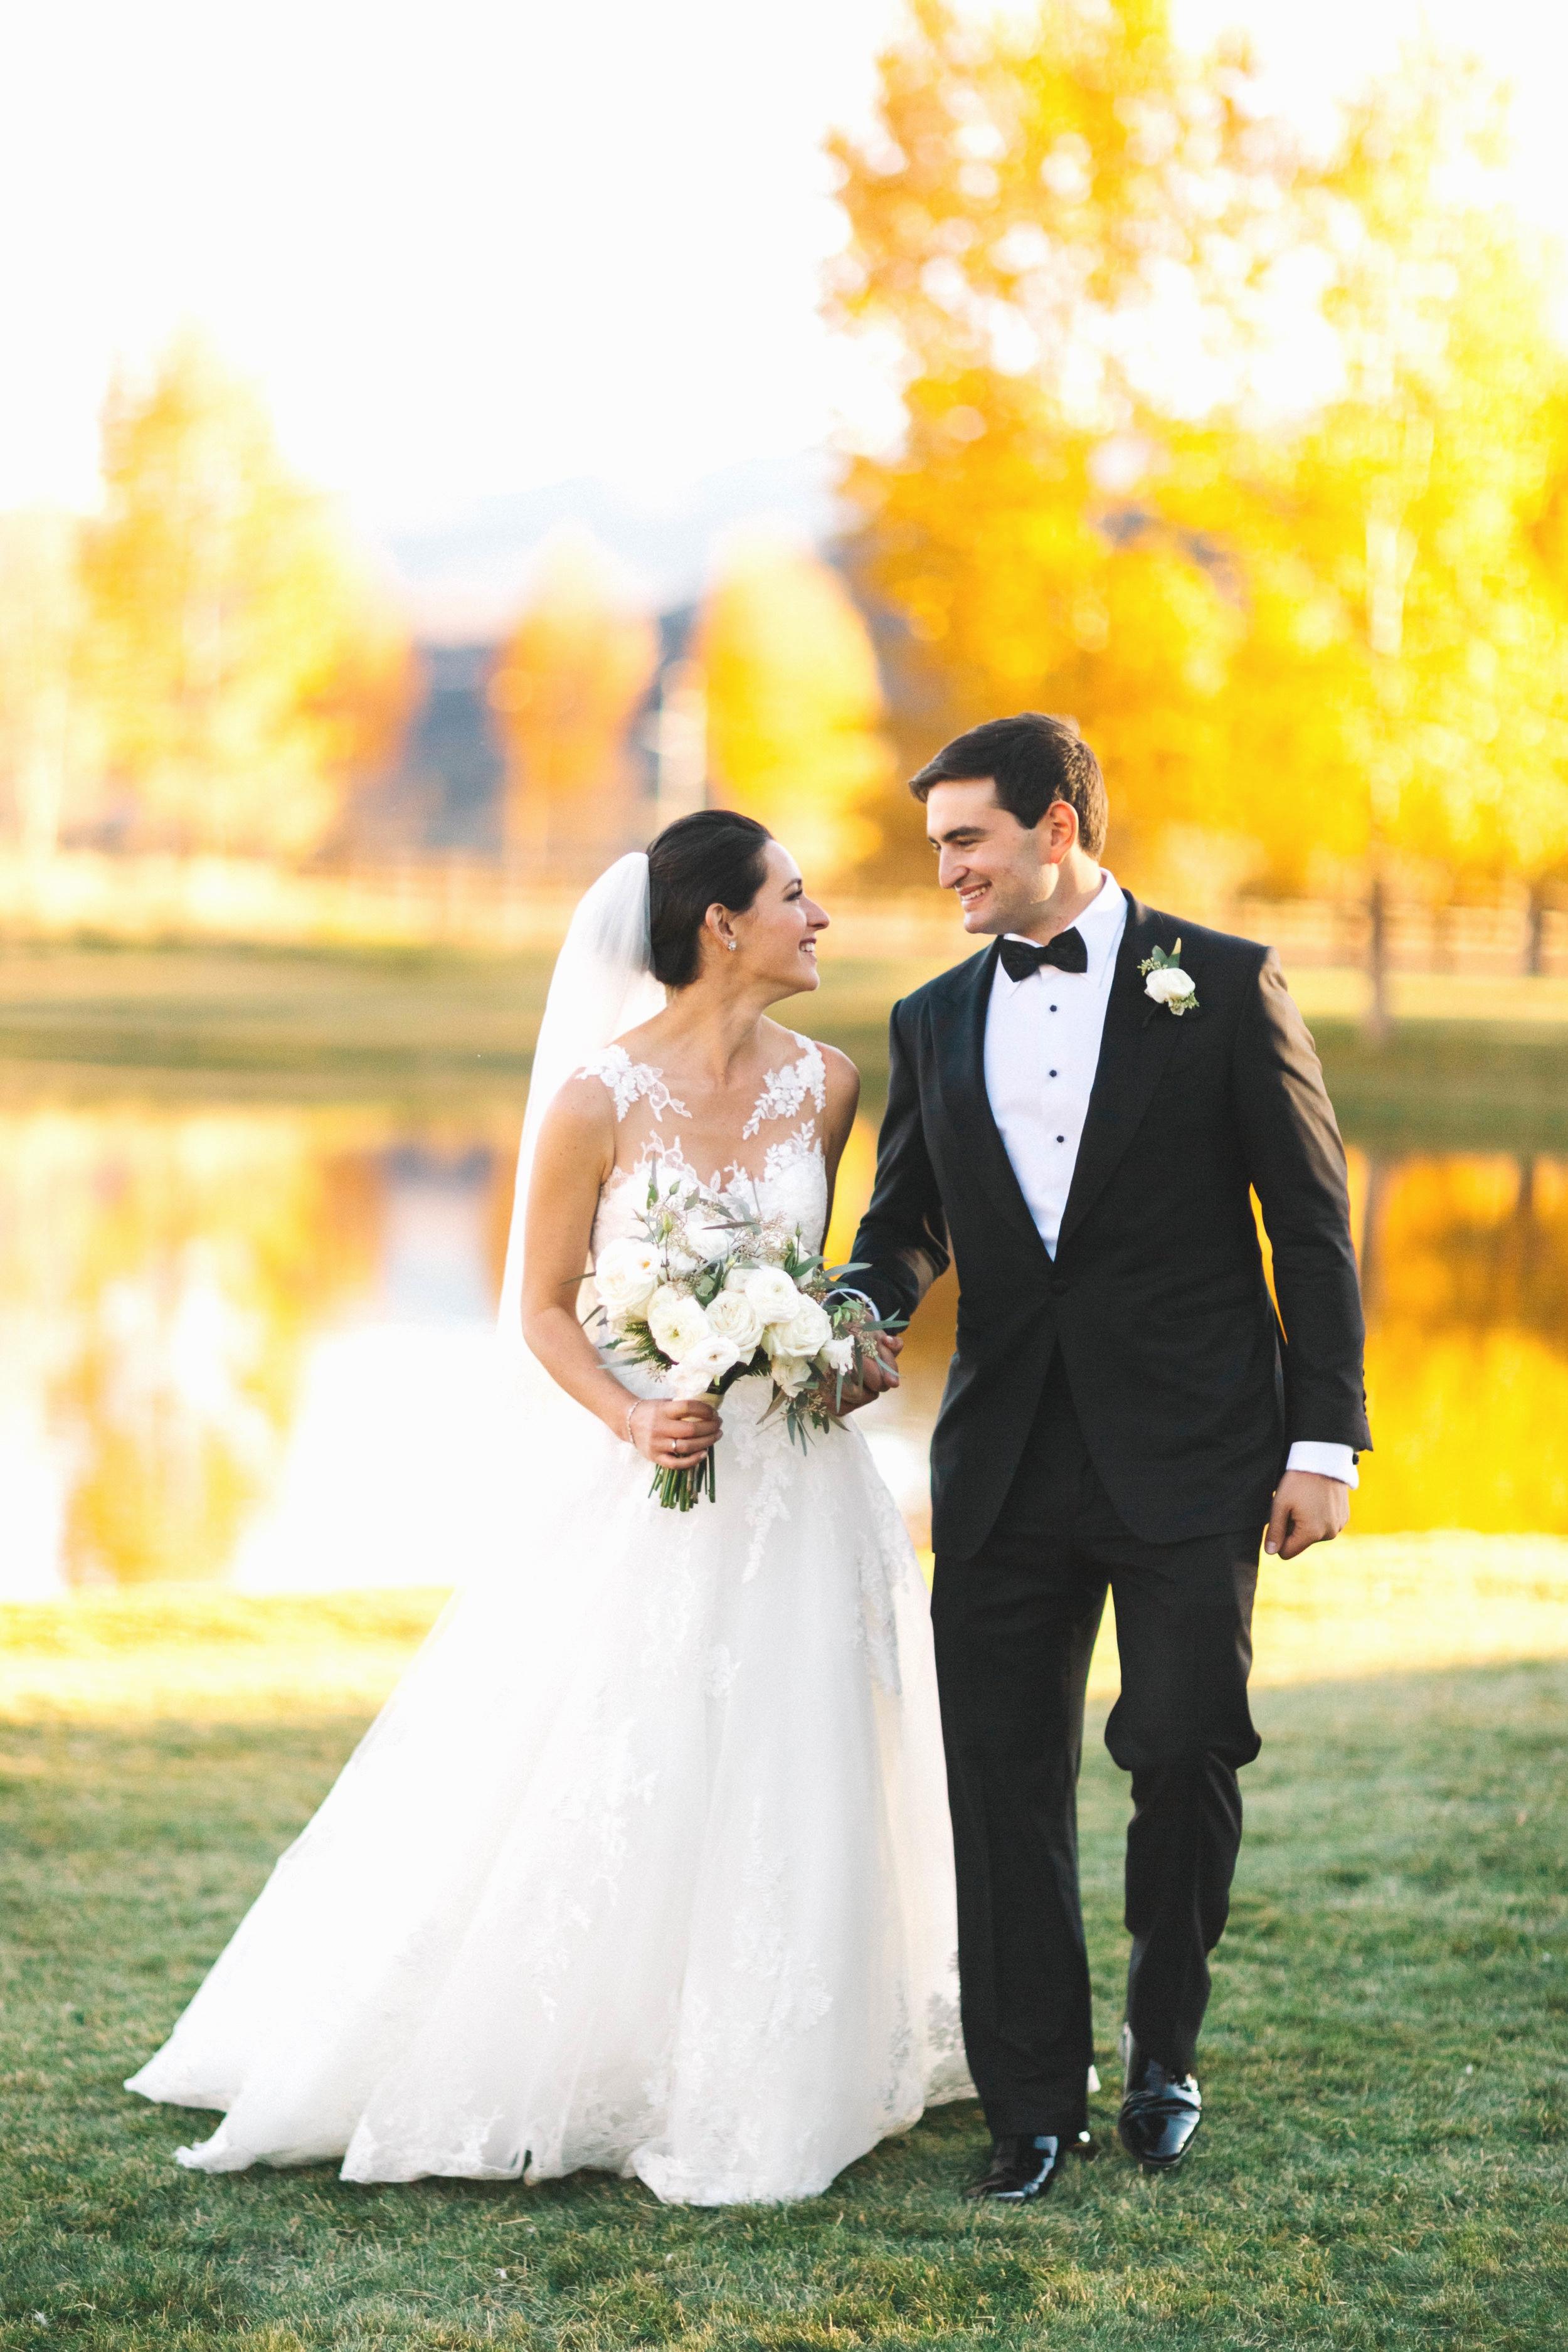 Cat Mayer | Bride and Groom at Chaparral Ranch Destination Wedding | Aspen, Colorado